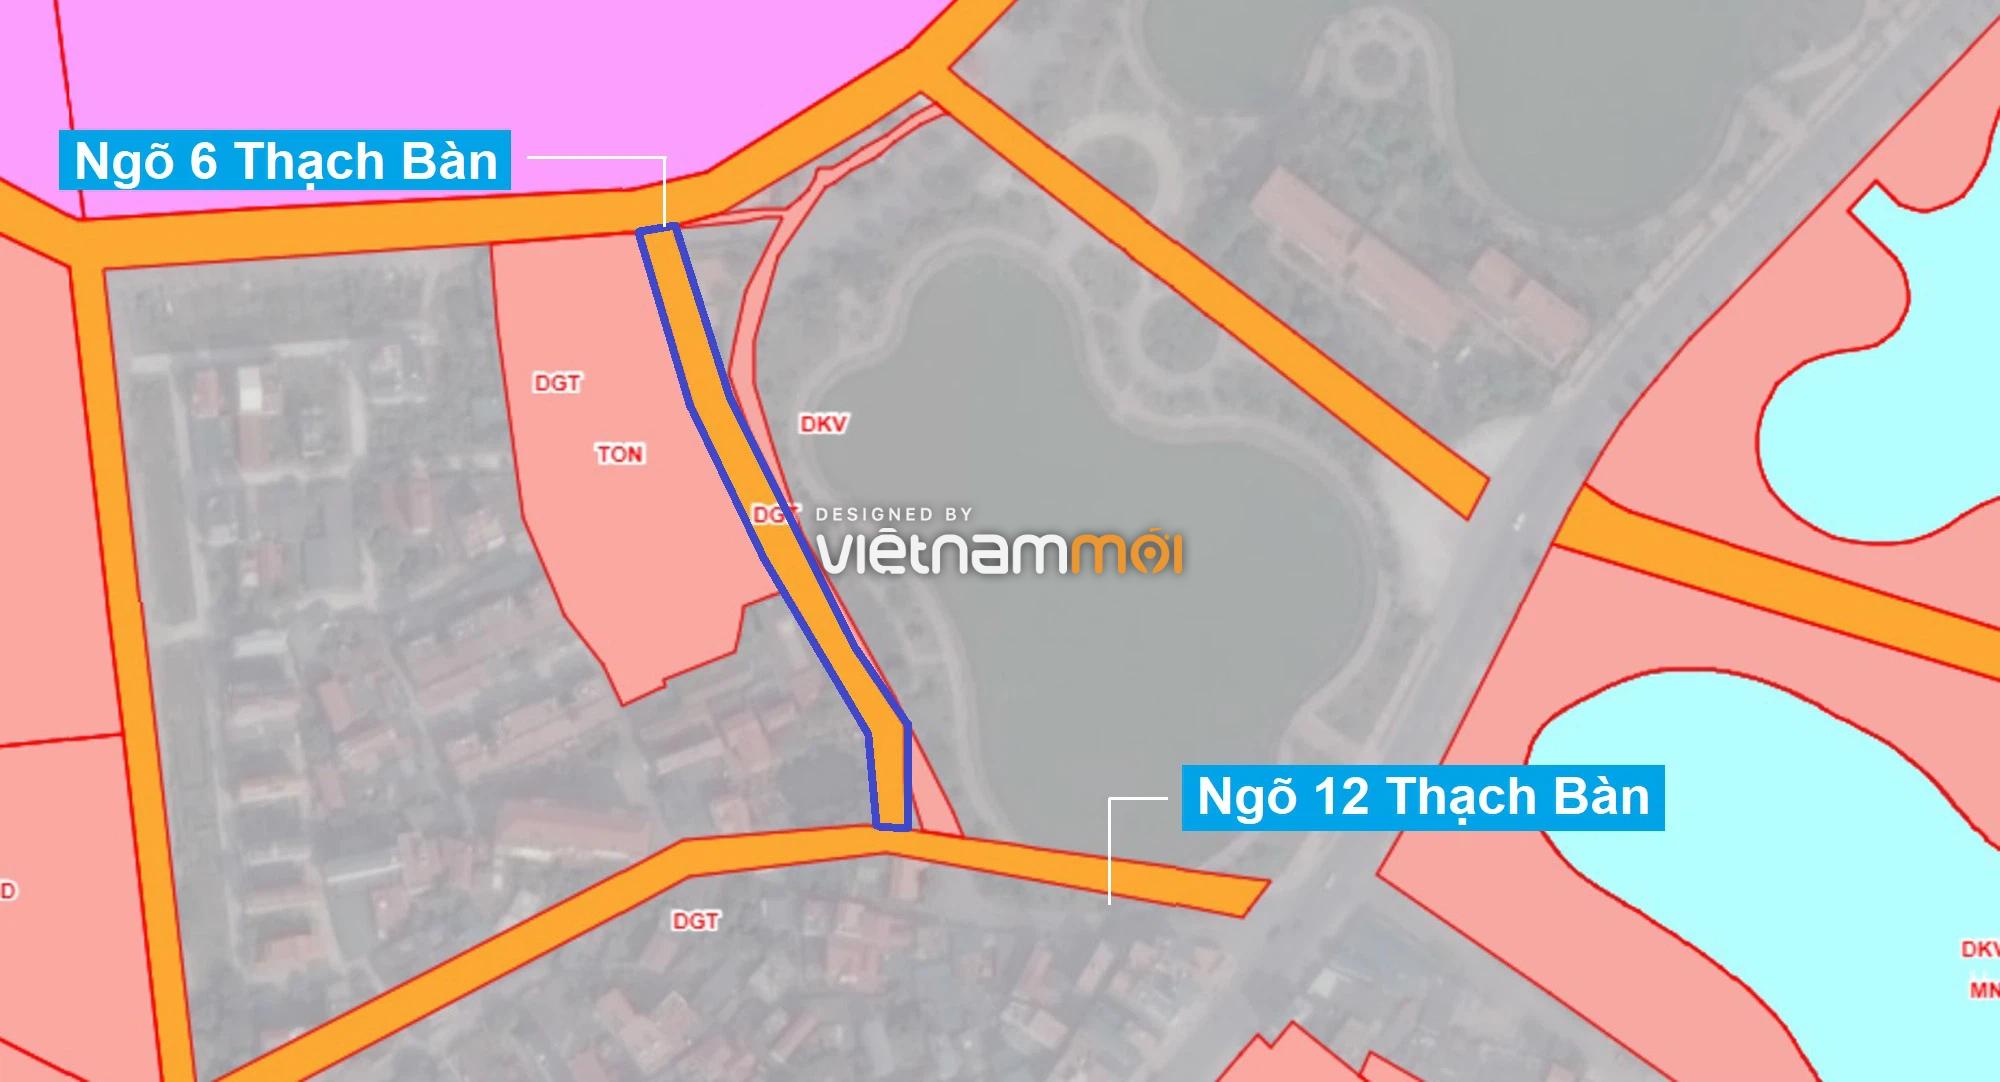 Những khu đất sắp thu hồi để mở đường ở phường Thạch Bàn, Long Biên, Hà Nội (phần 2) - Ảnh 7.